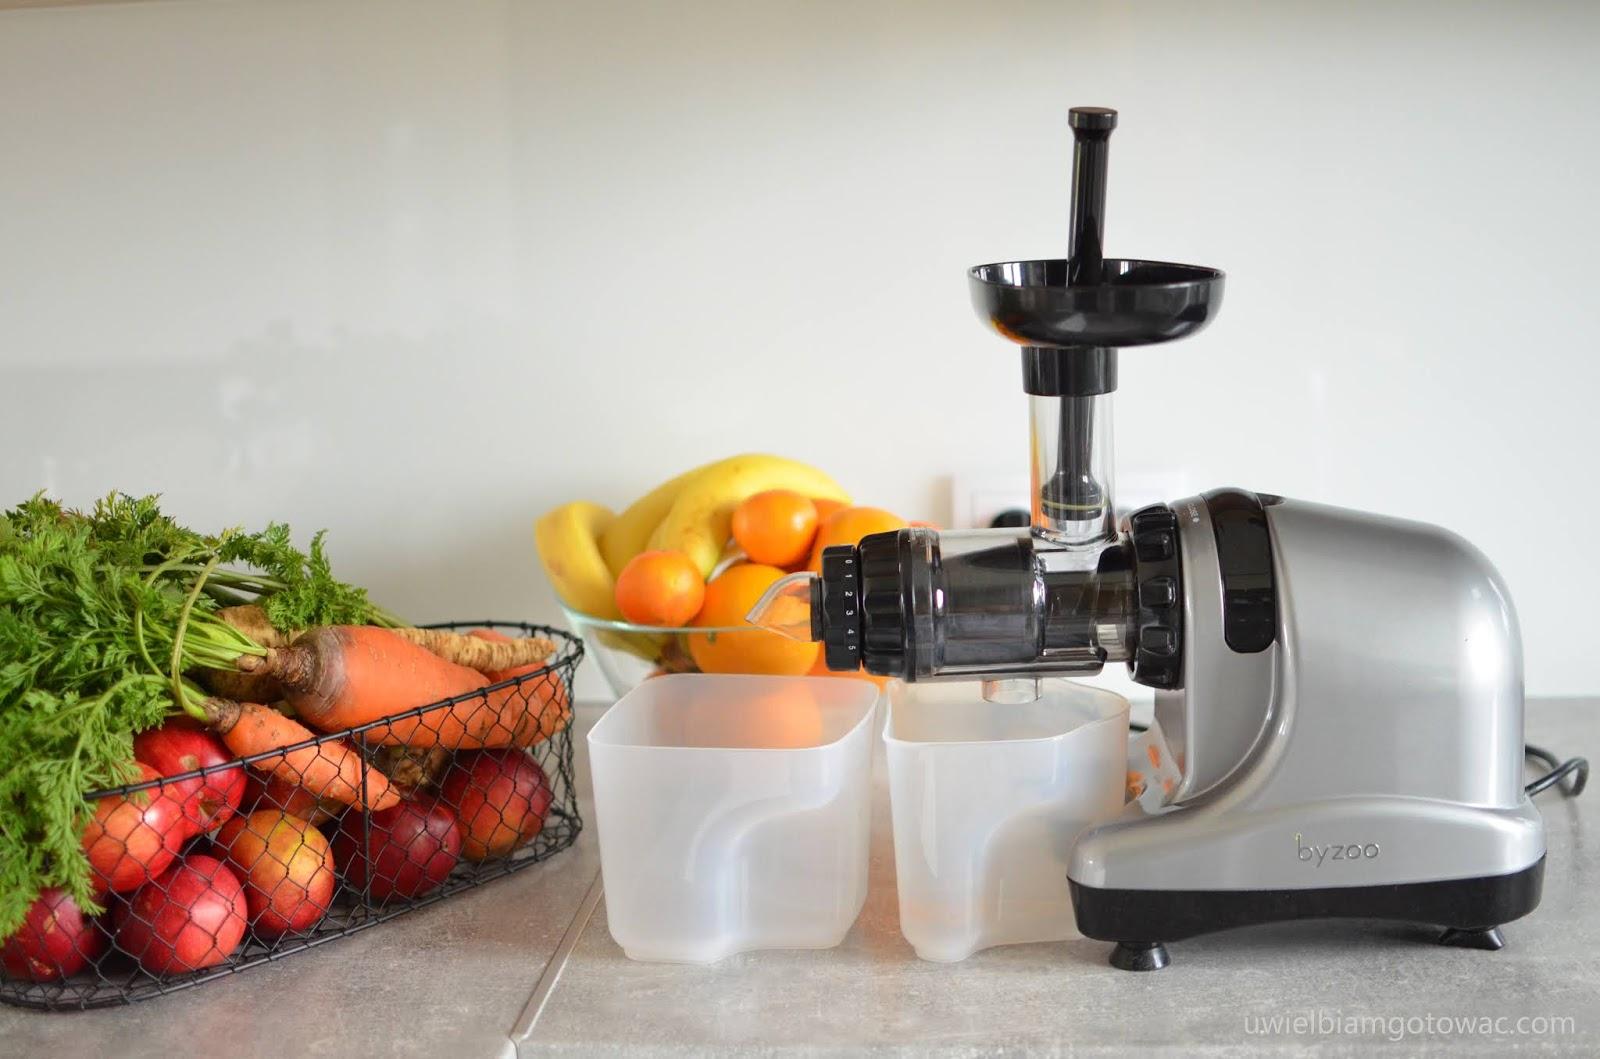 Nietypowy Okaz Uwielbiam gotować: Wyciskarka Byzoo Rhino do owoców, warzyw i ziół ZF71